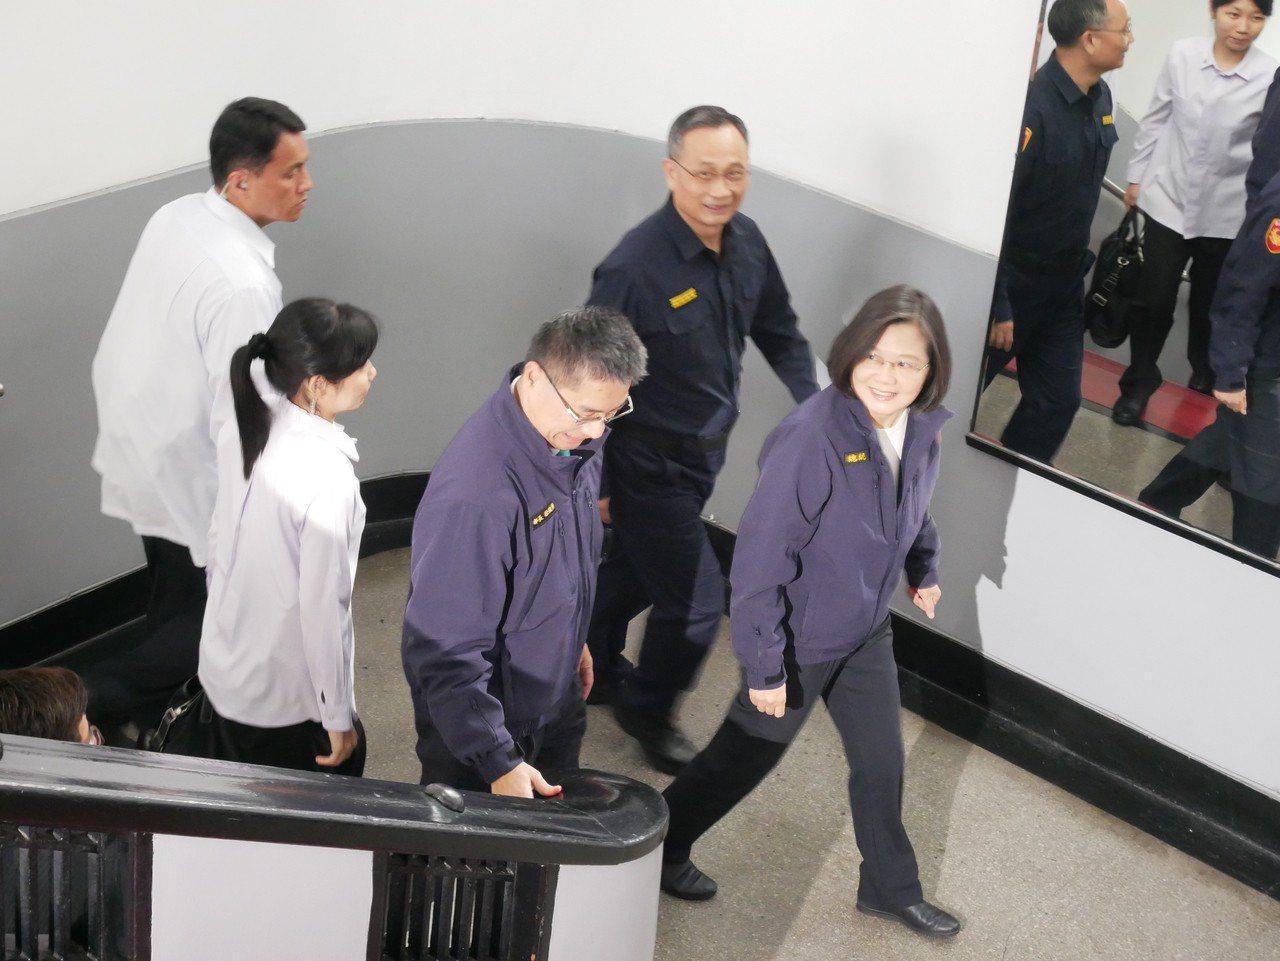 總統蔡英文上午到警政署參加新制服換裝典禮,穿著繡有「總統」字樣的新式警便服外套進...